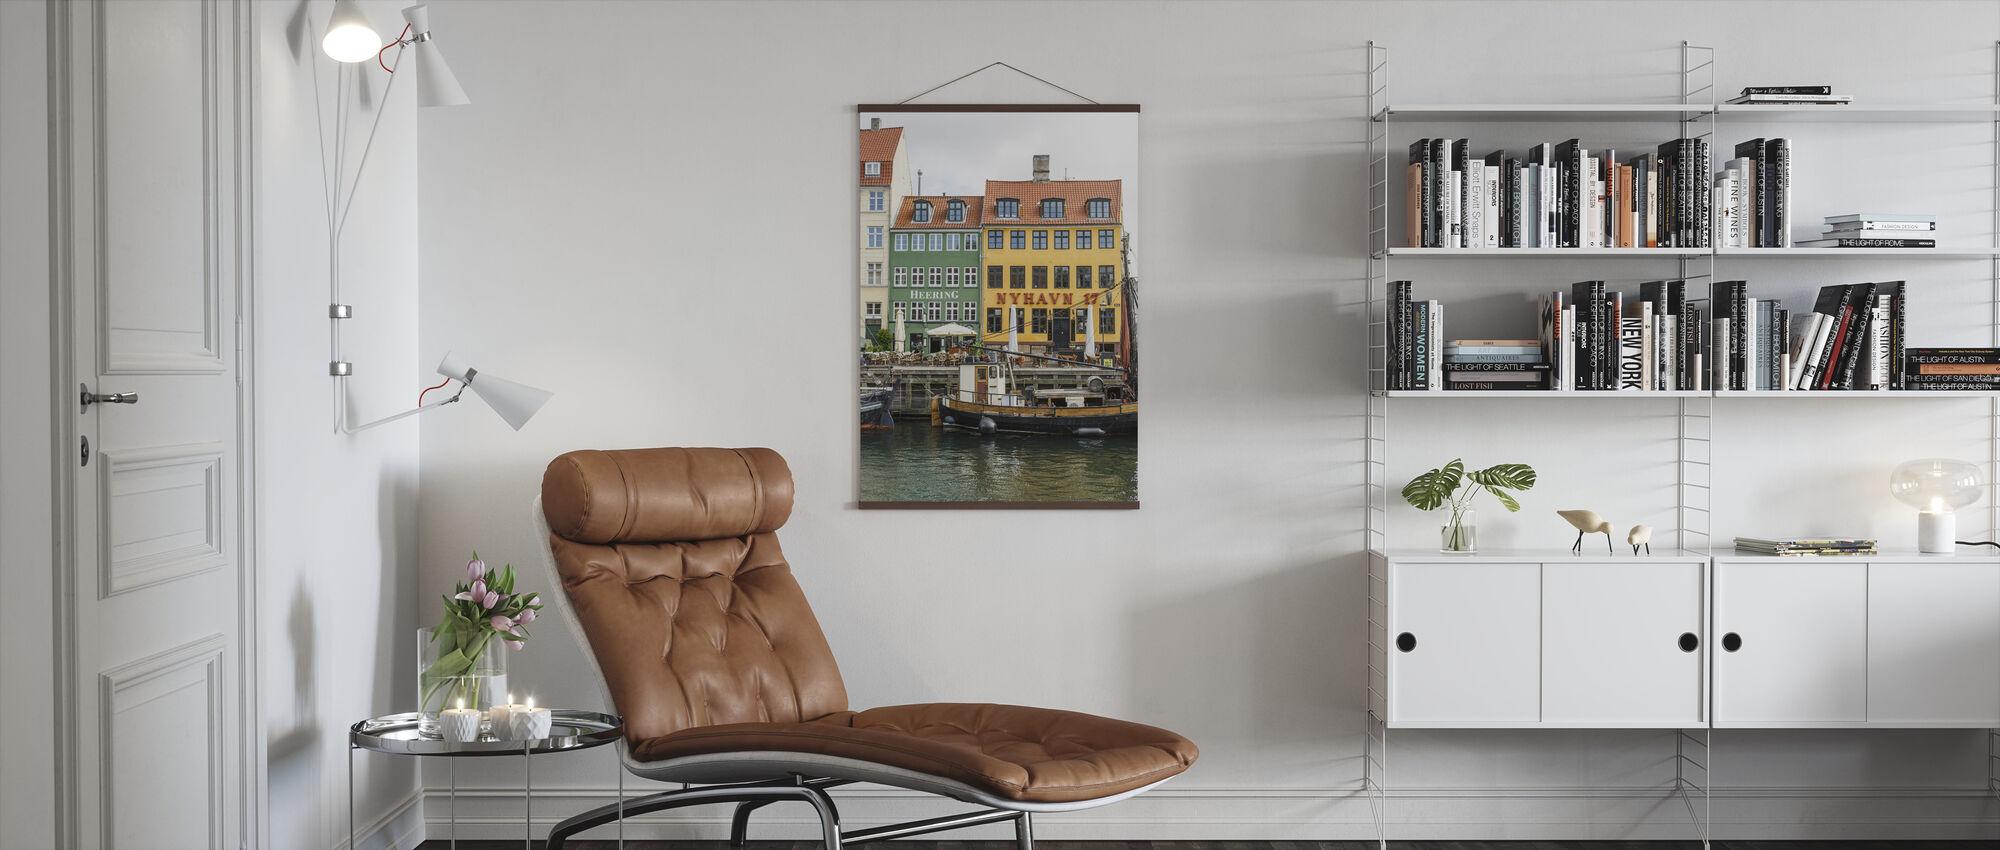 Nyhavn 17, Copenhagen, Denmark - Poster - Living Room